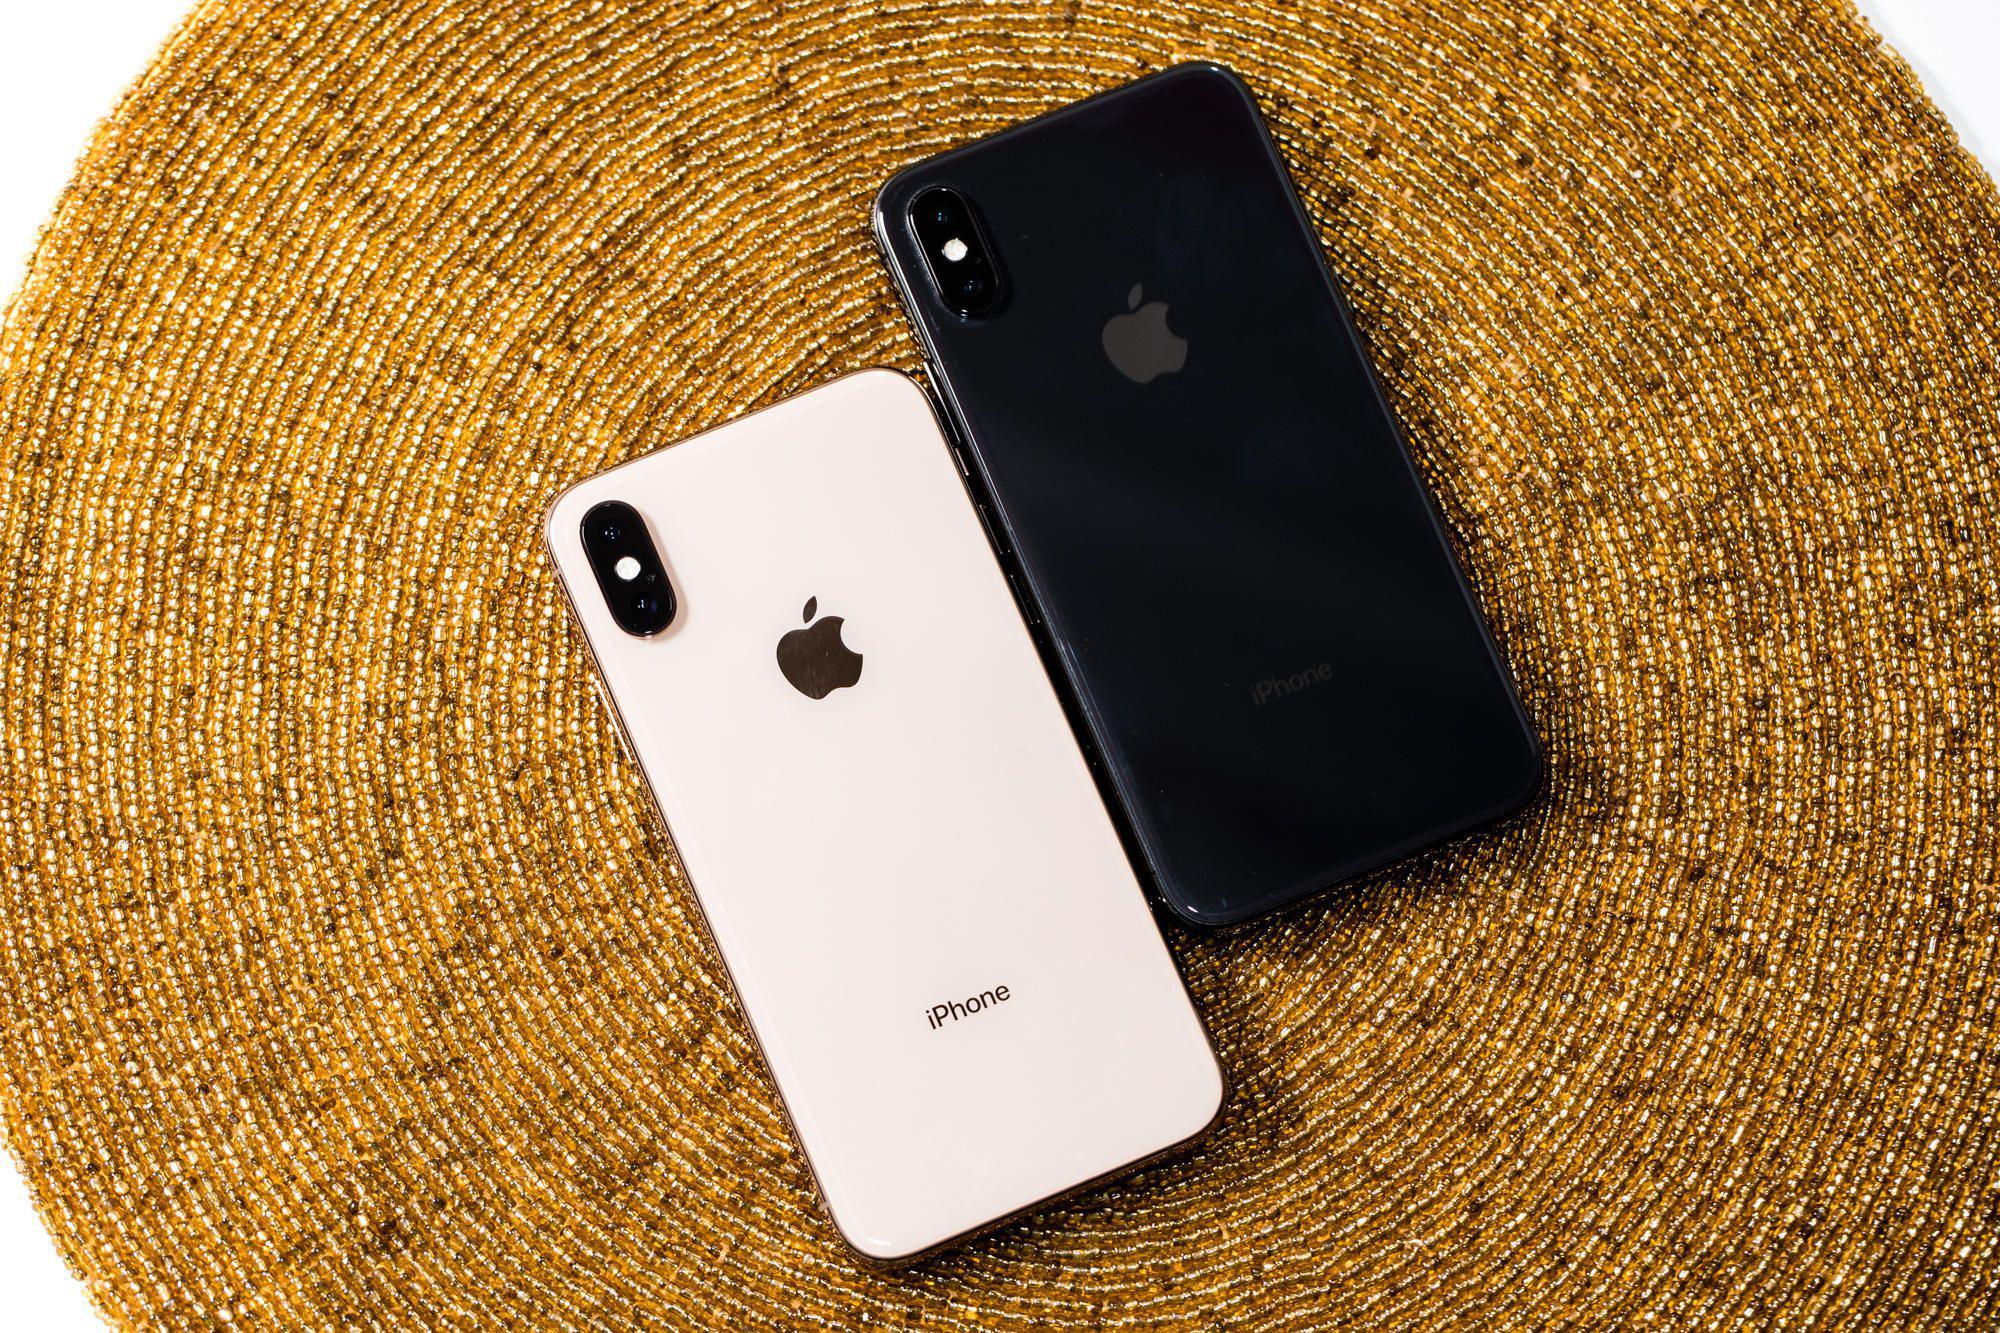 手机电池进步太慢,iPhoneXS续航还比不上iPhoneX